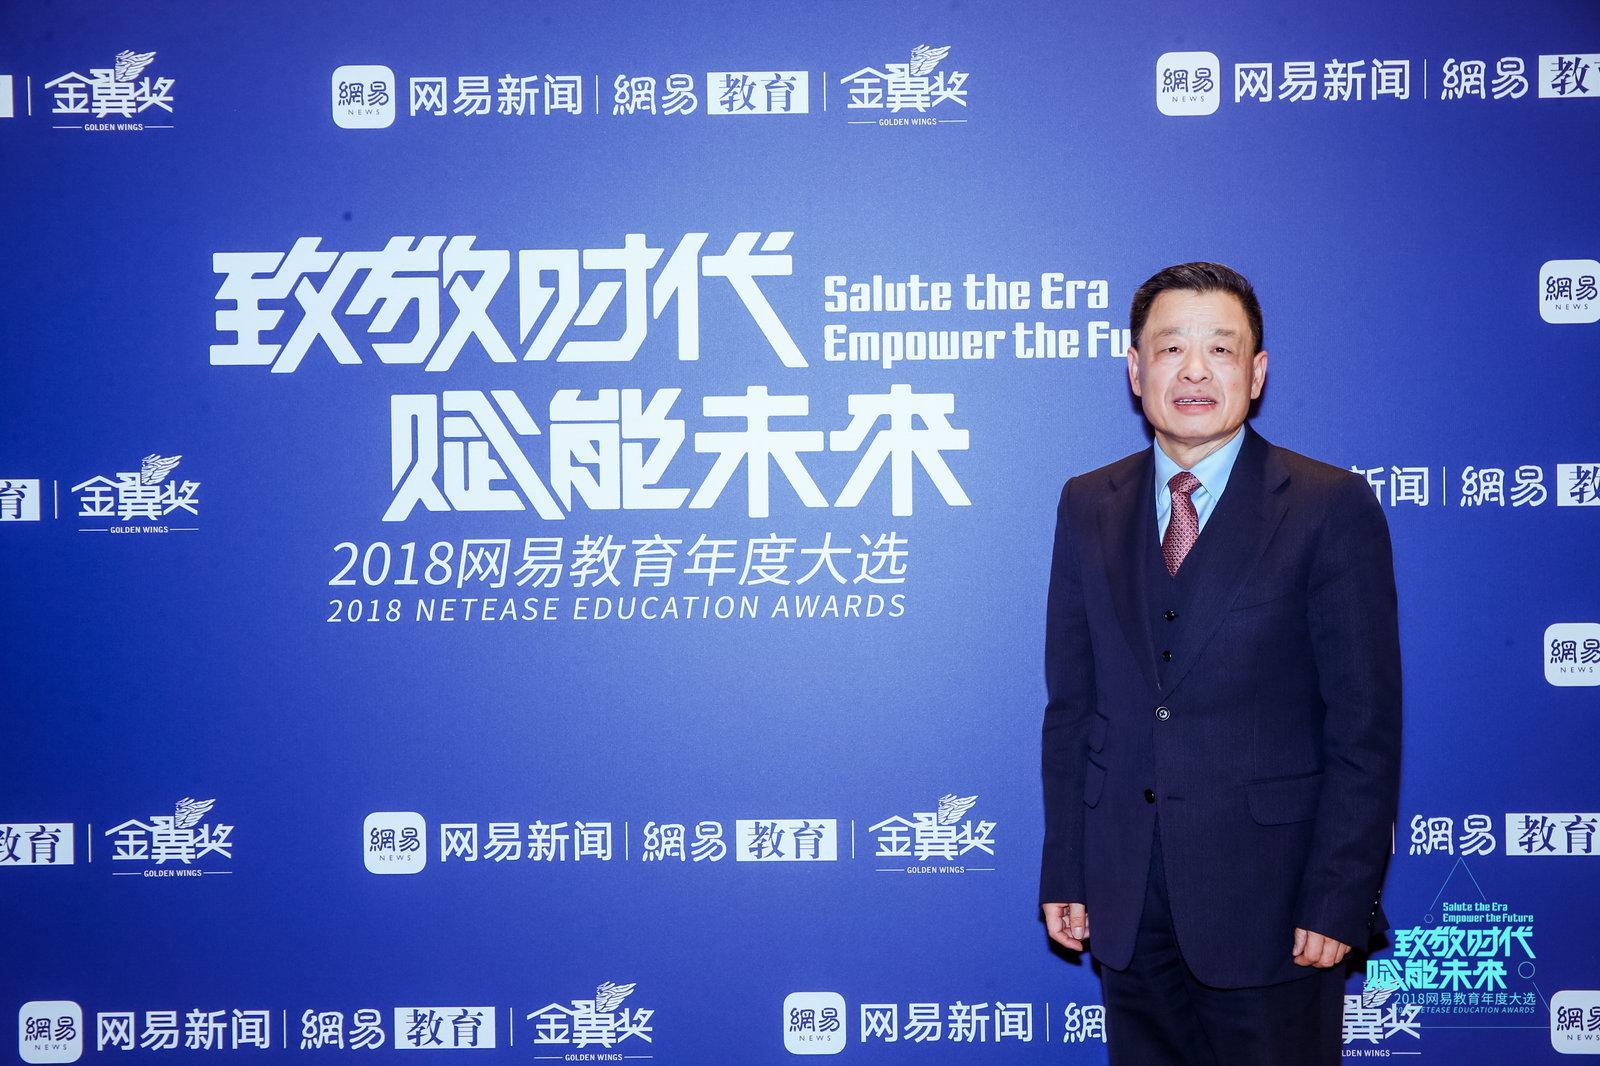 王府学校总校长王广发:顺应教育改革迎接市场挑战